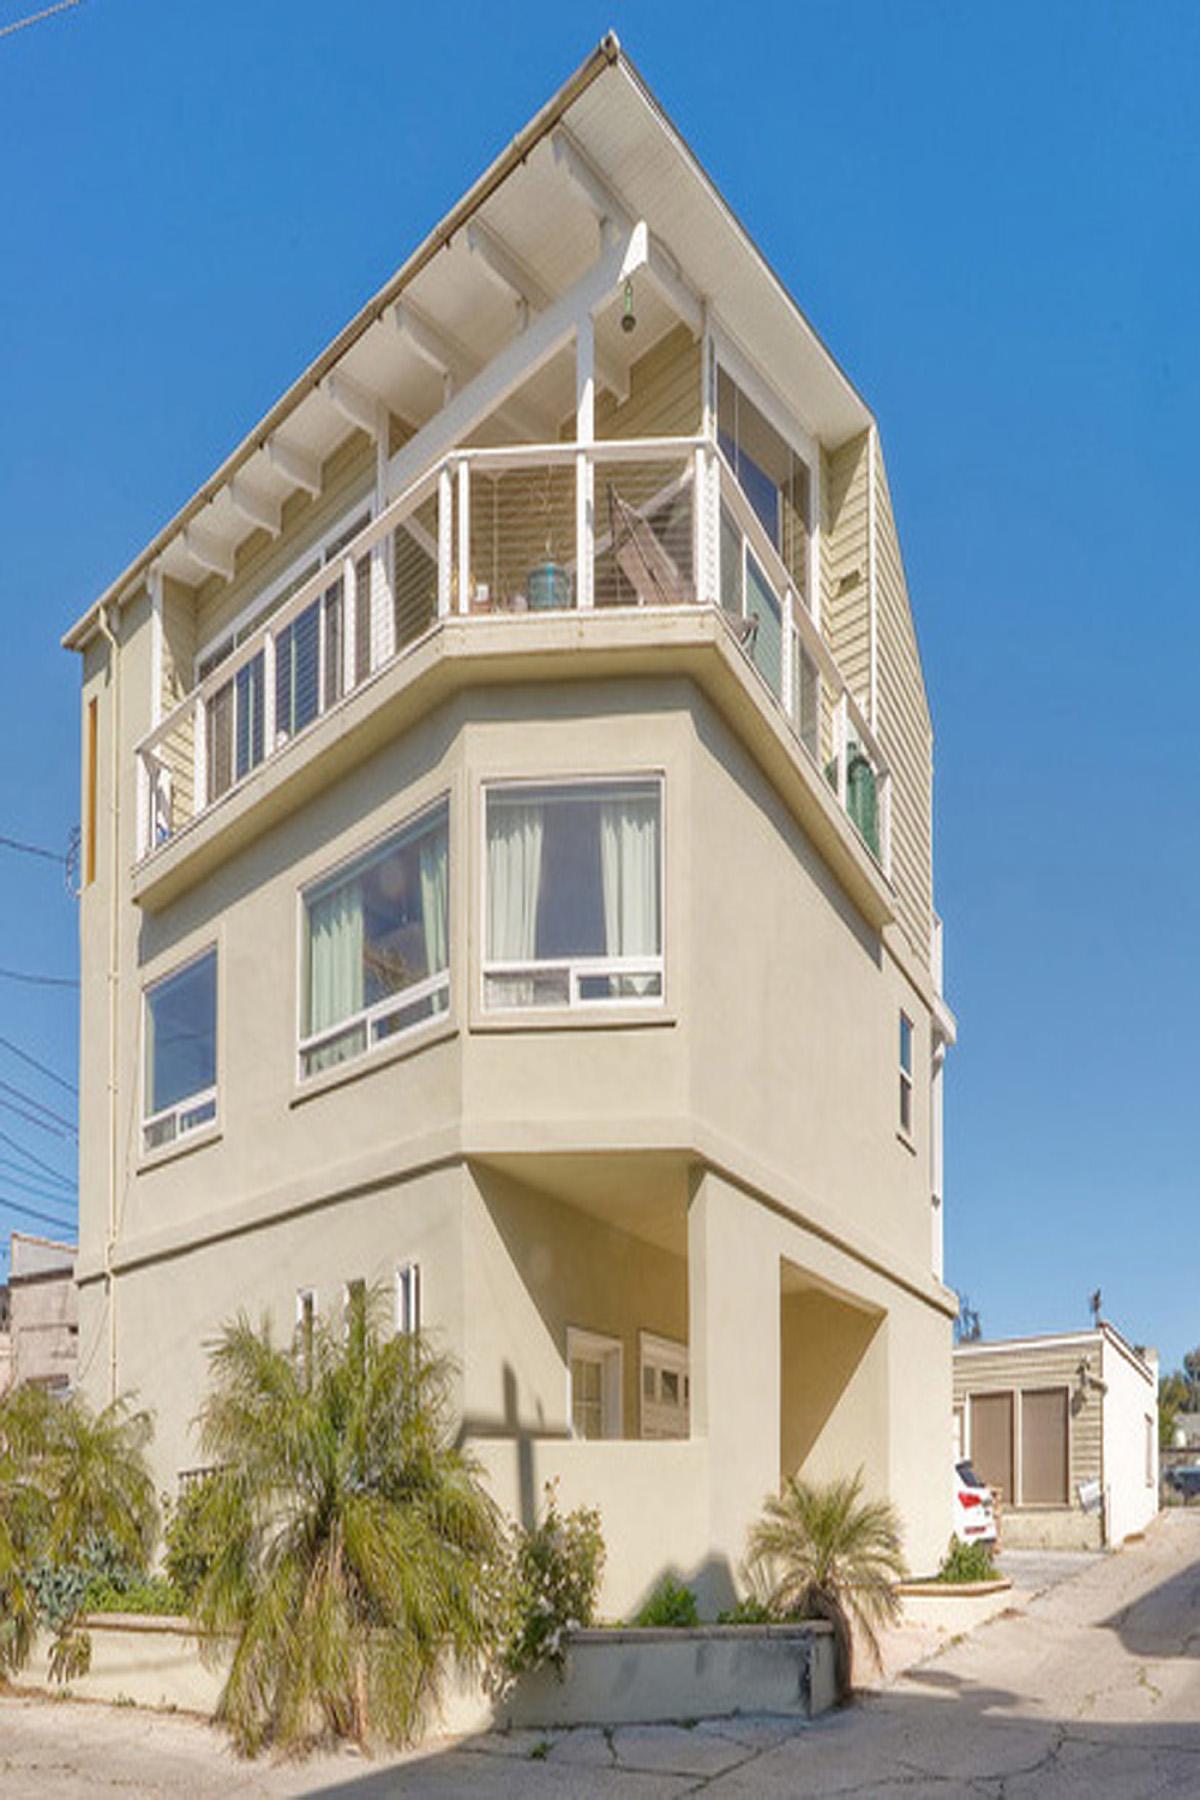 Single Family Home for Sale at 5620 La Jolla Blvd La Jolla, California, 92037 United States